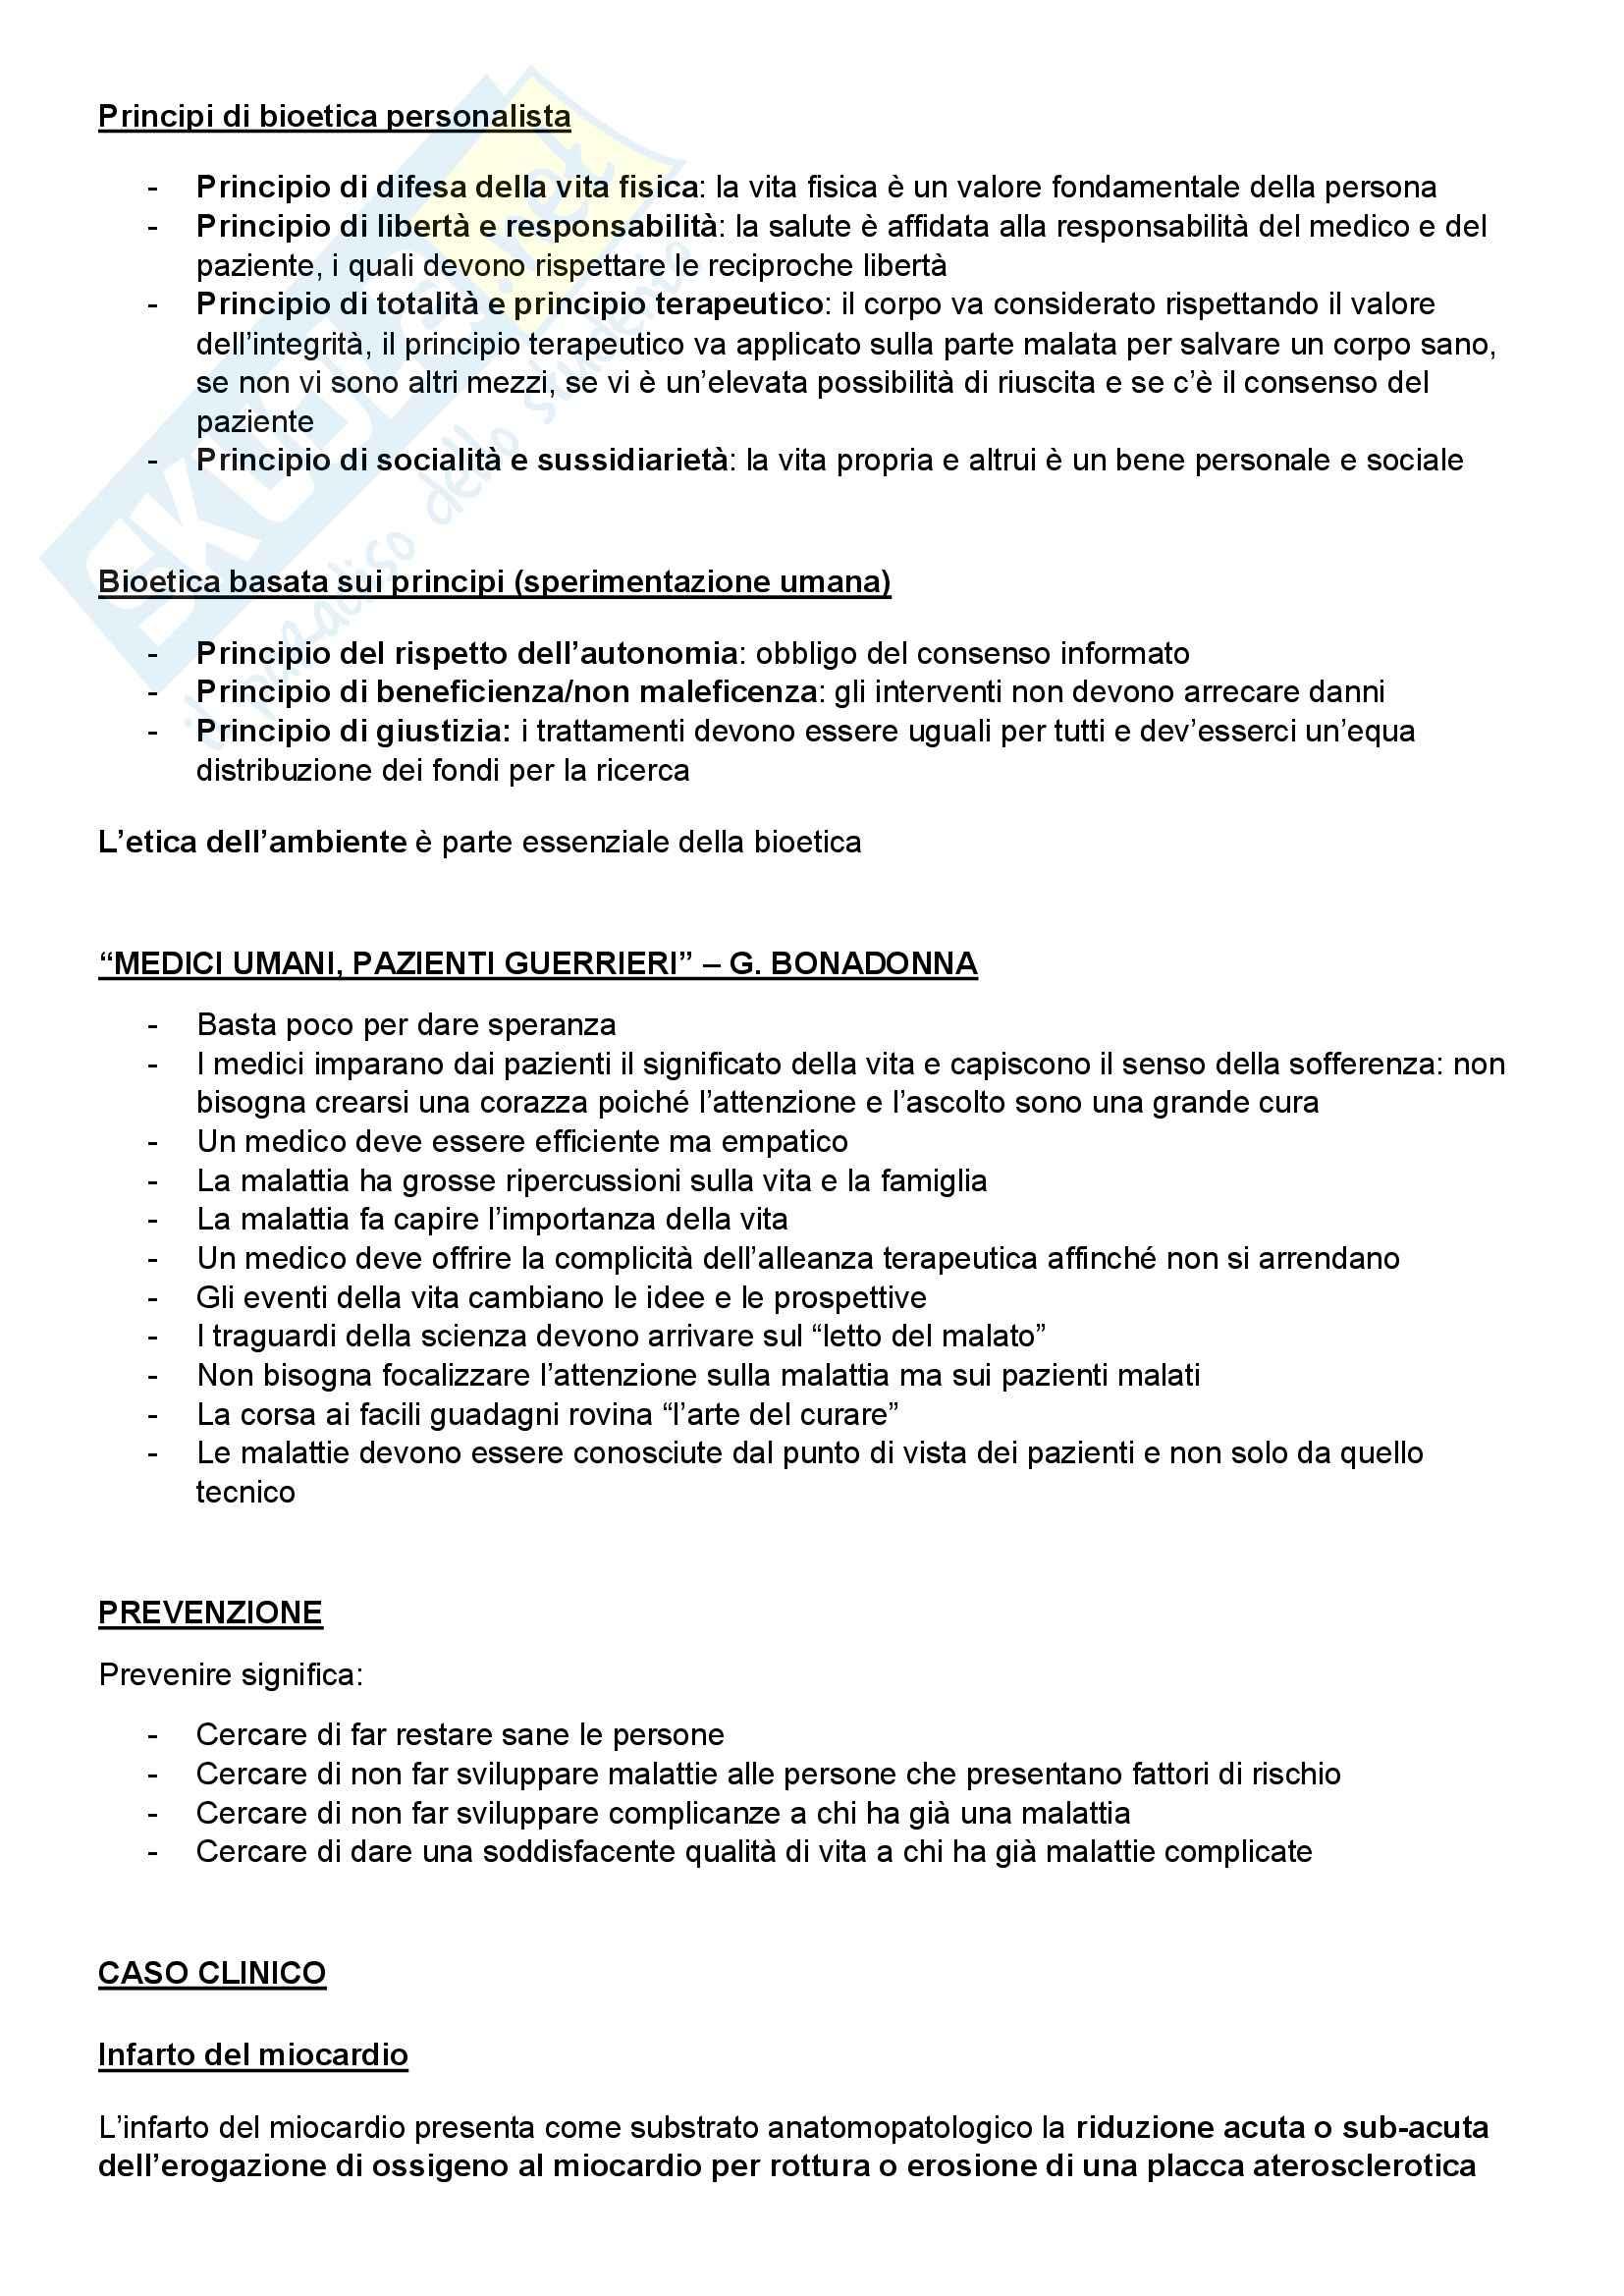 Introduzione alla medicina - Appunti Pag. 2